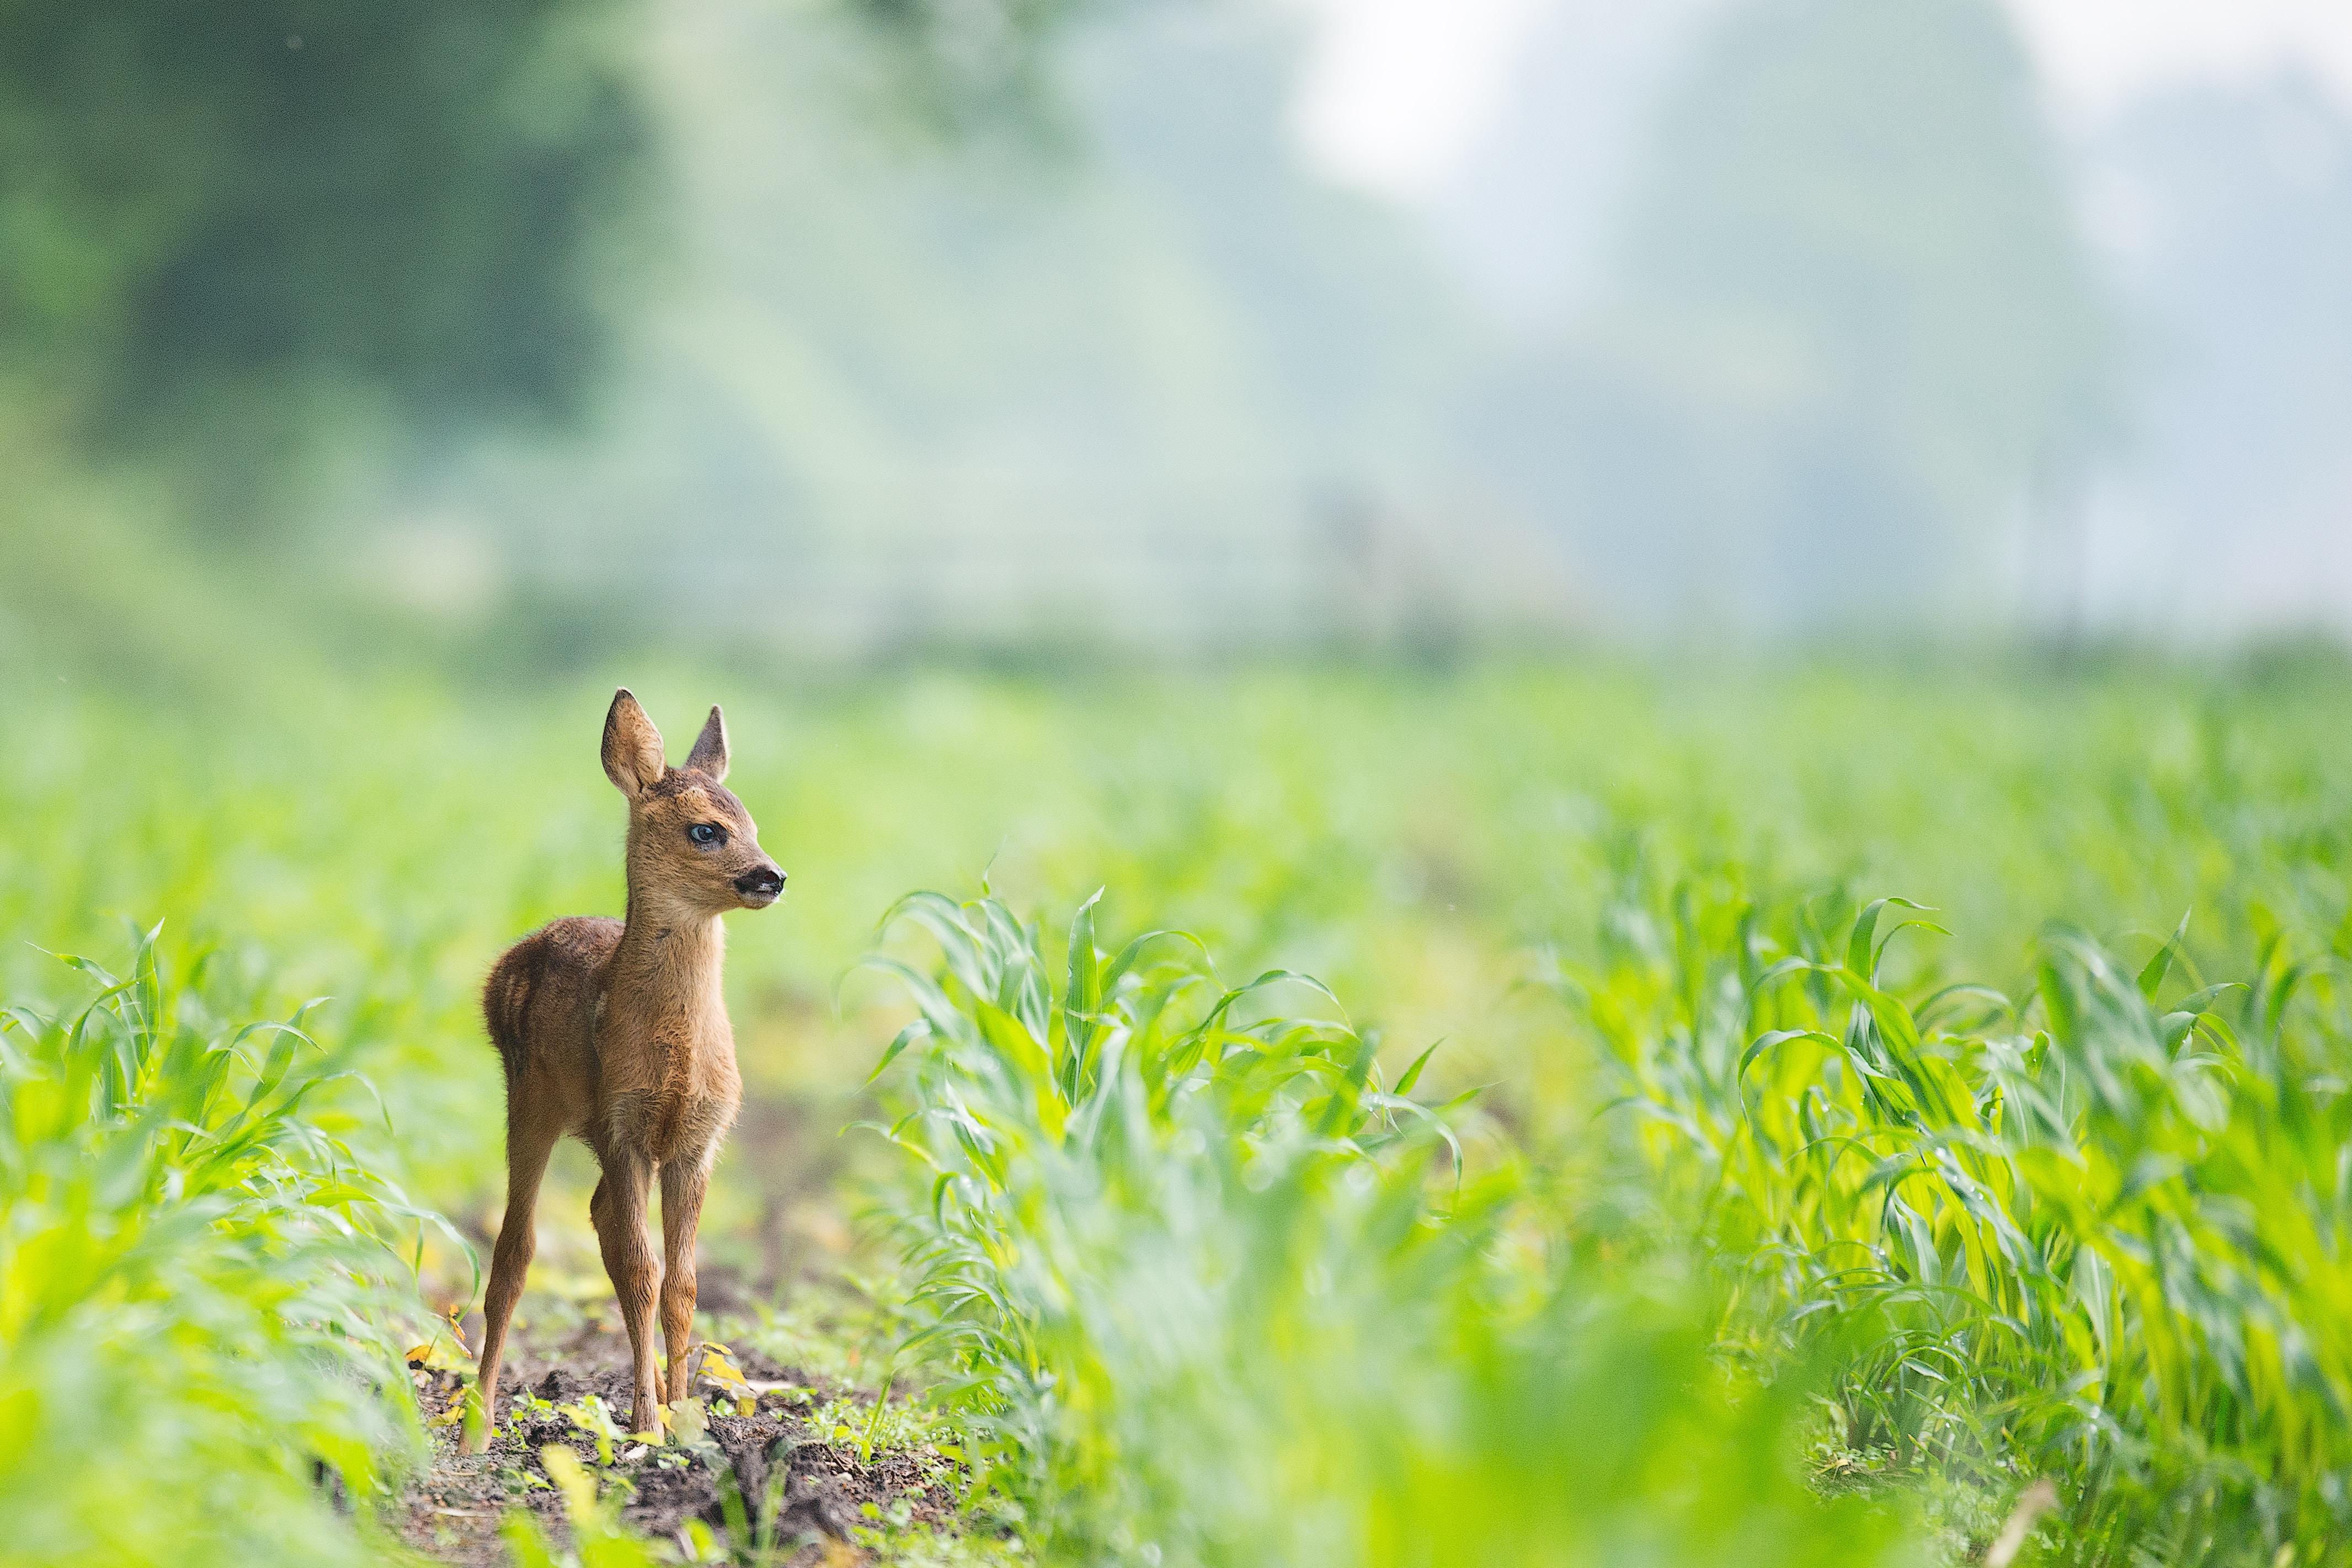 beige baby deer on brown soil between green grasses at daytime